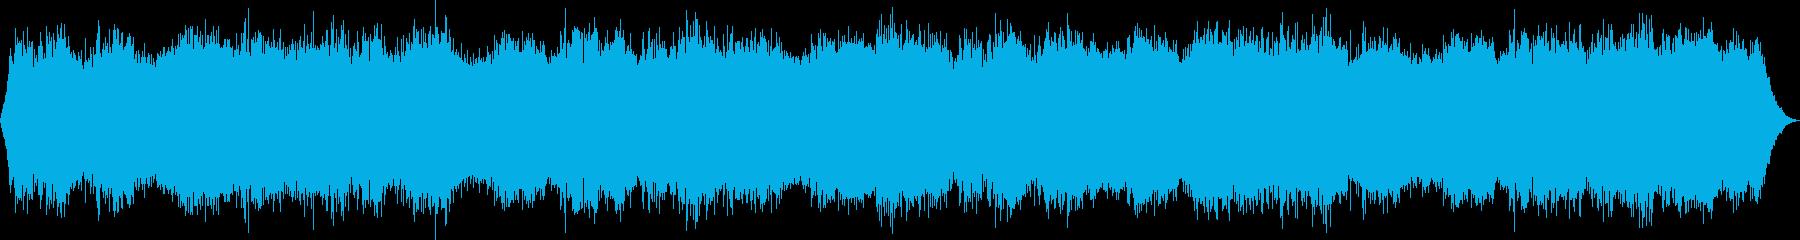 不気味に軋むドア・ホラーアンビエントの再生済みの波形